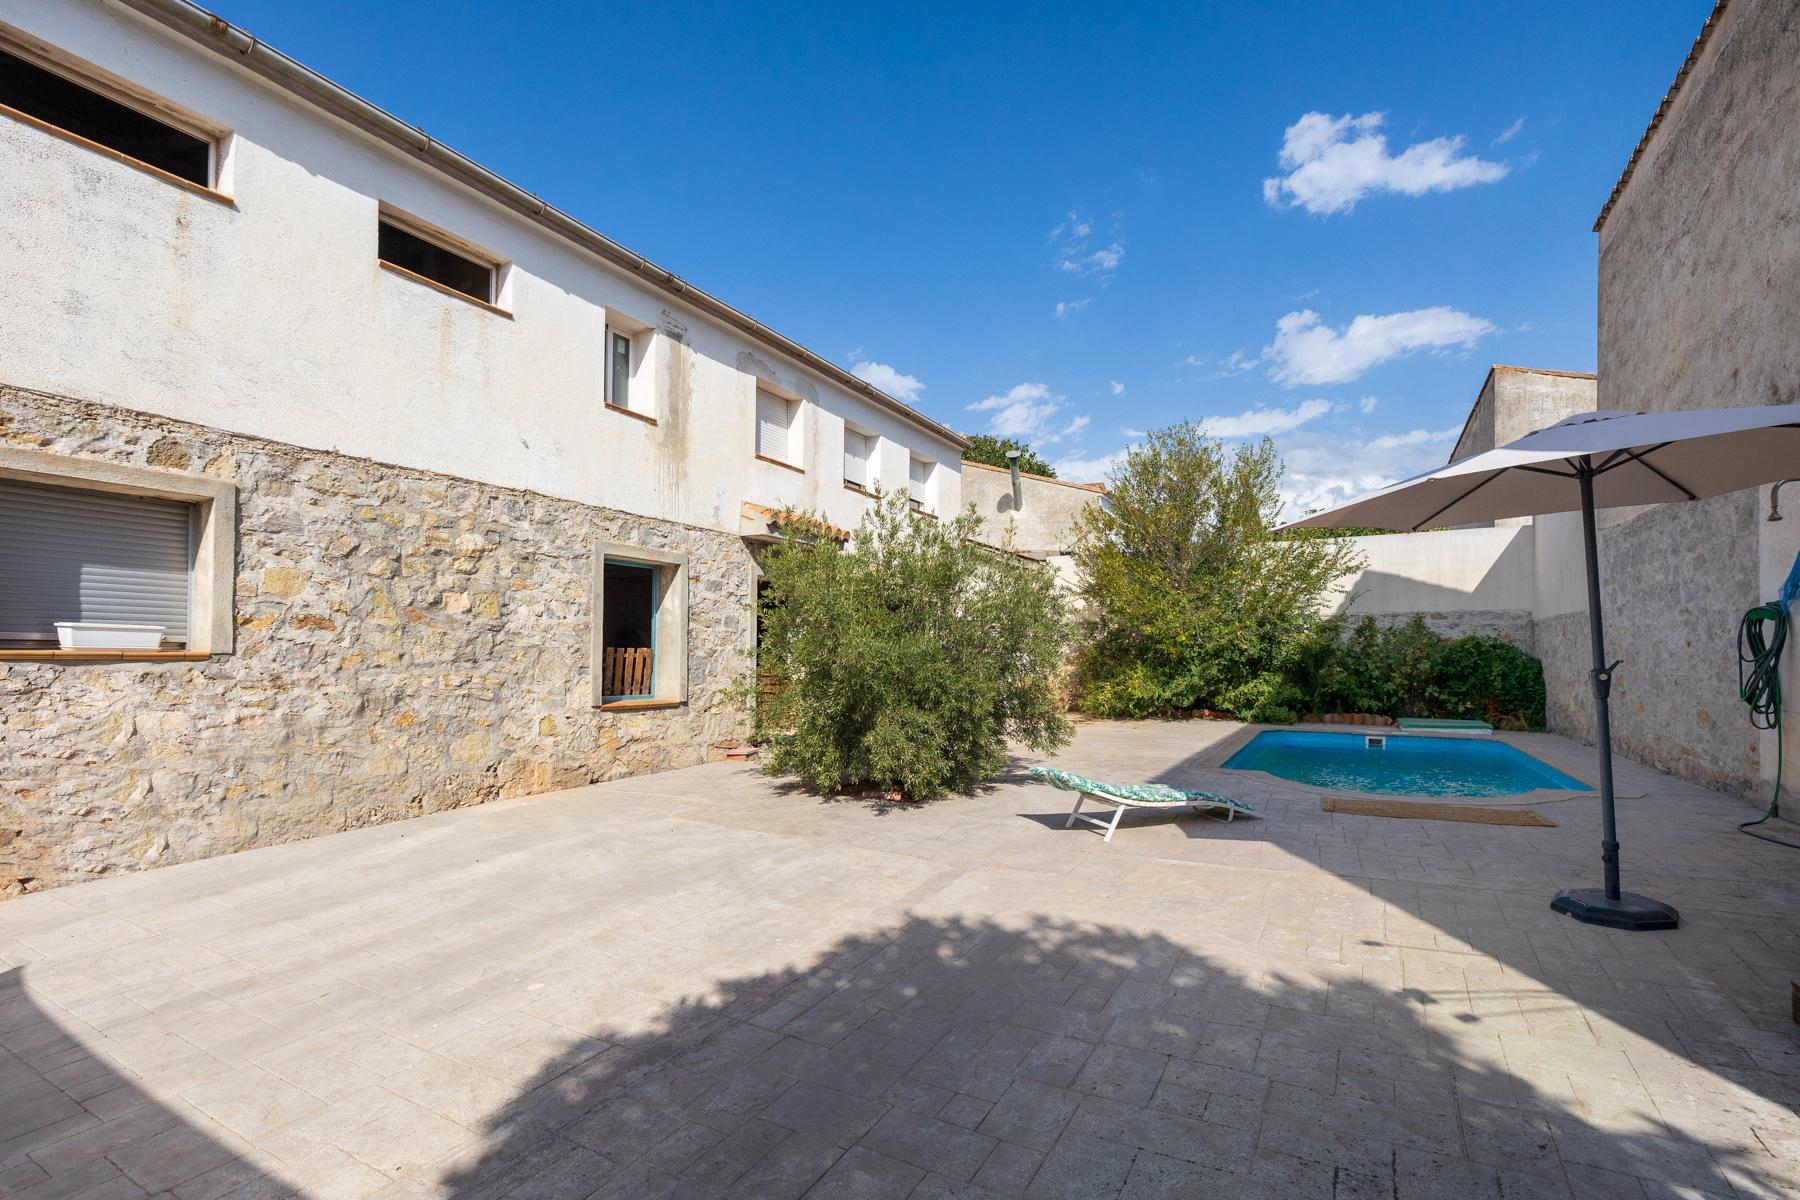 Imagen 1 Casa Aislada en venta en Albolote / Parque del Chaparral, junto cafetería S.Ildefonso